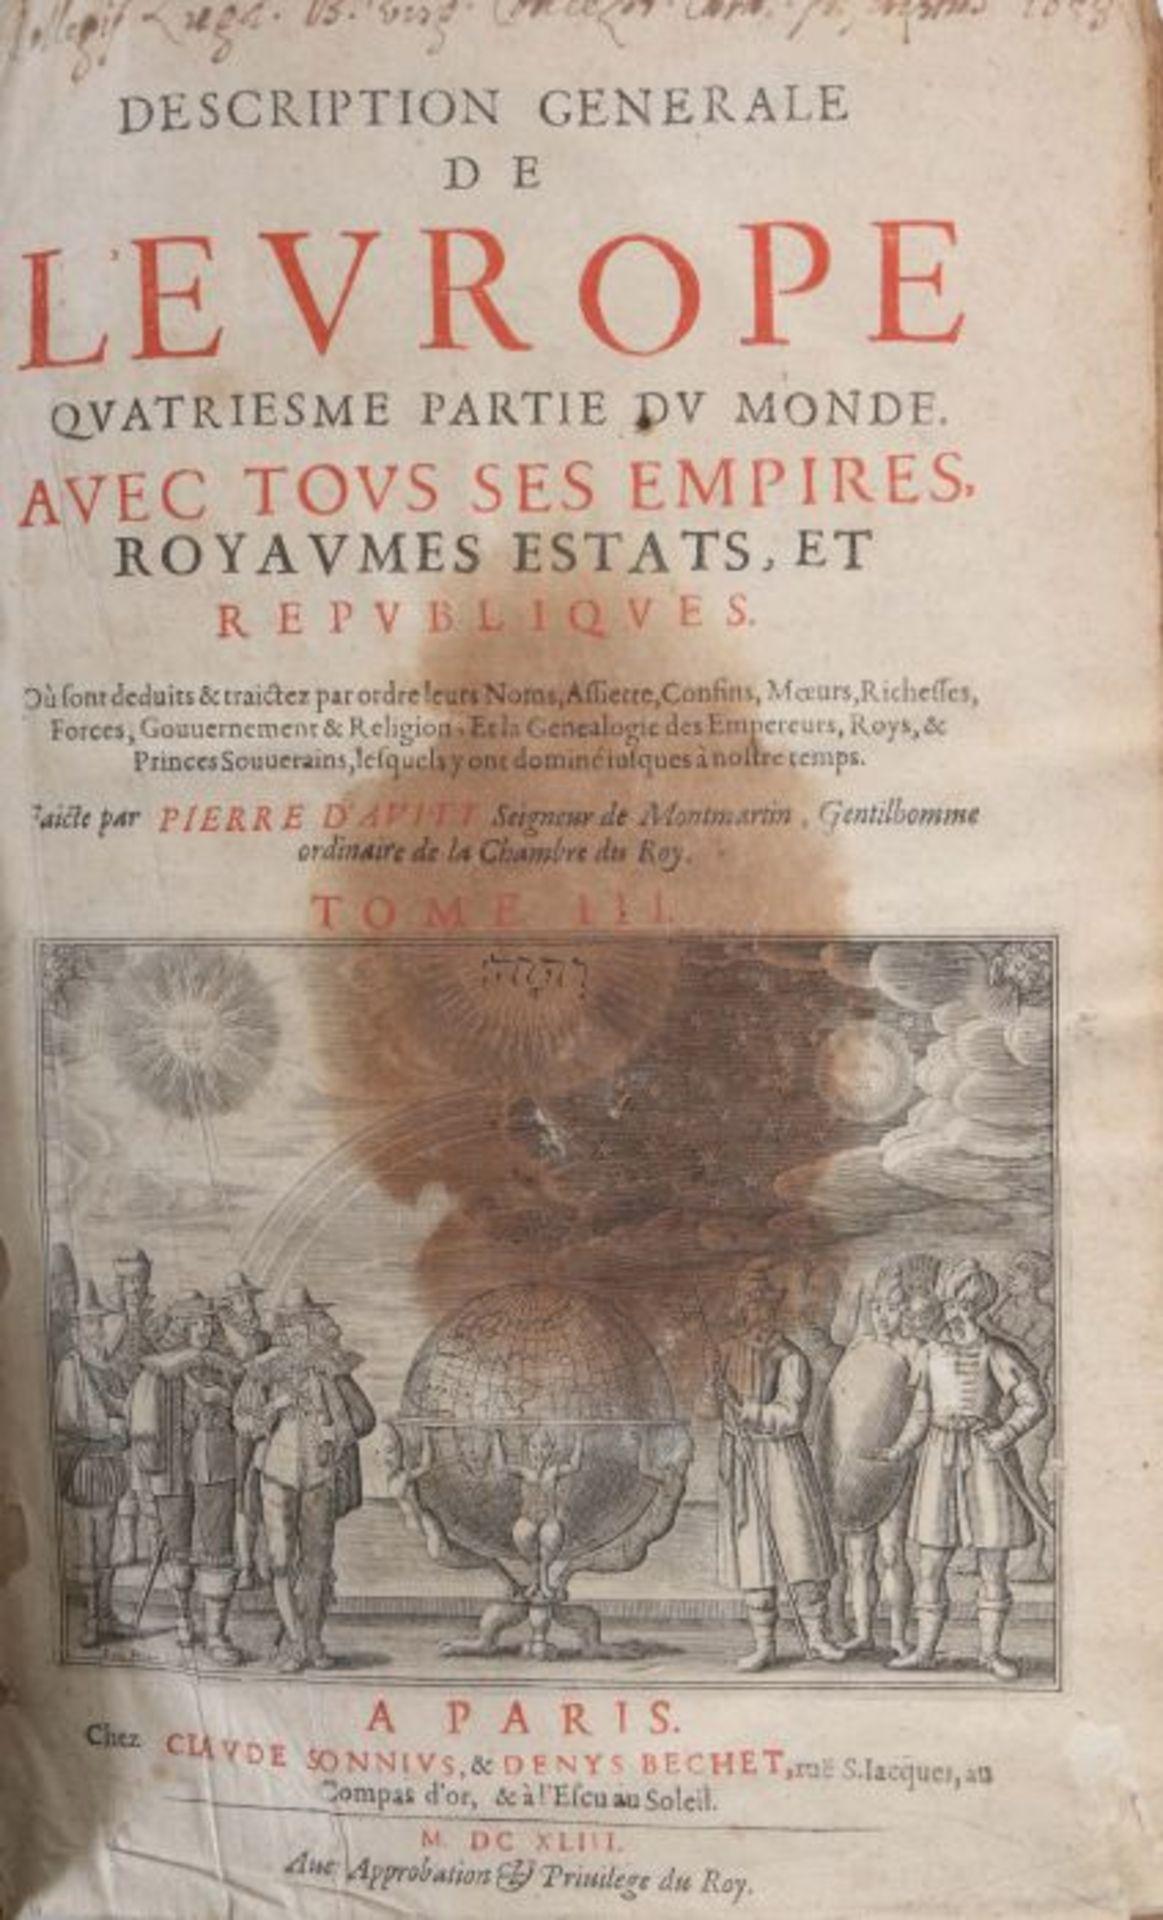 Avity, Pierre de Description generale - Image 5 of 5